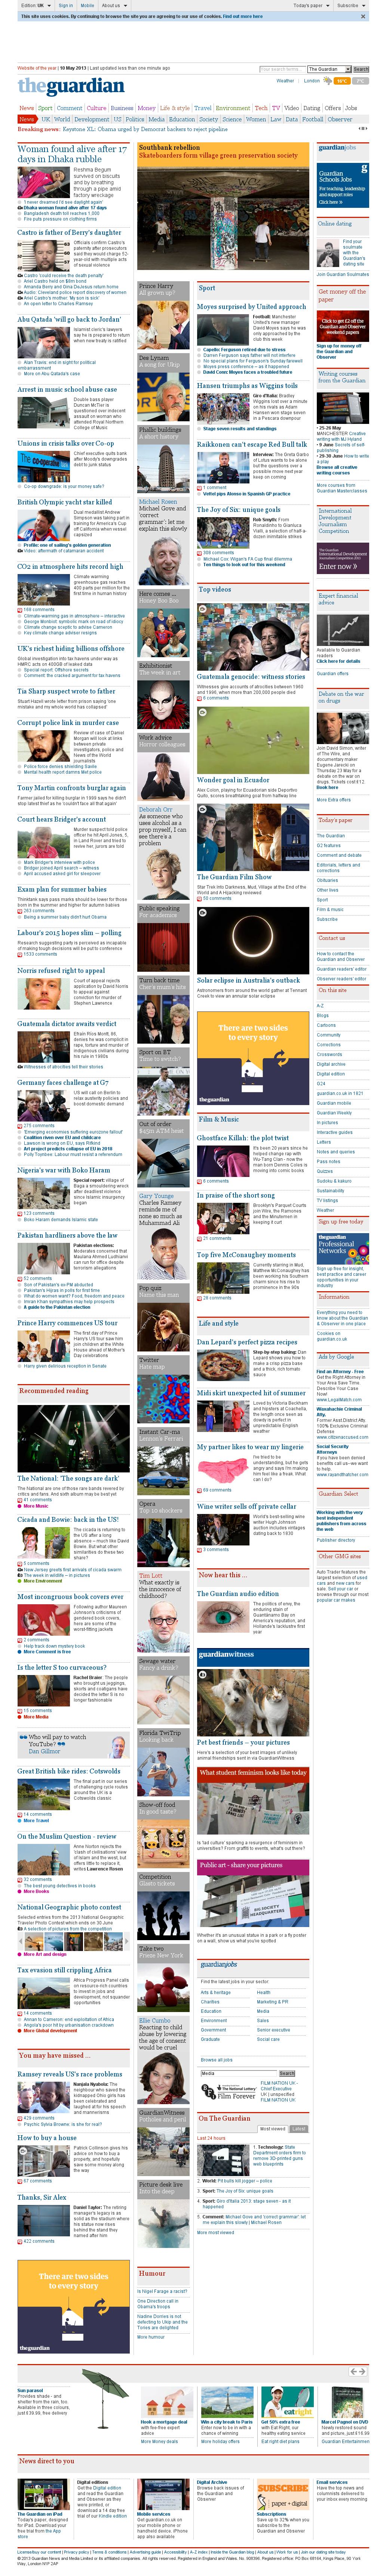 The Guardian at Friday May 10, 2013, 5:10 p.m. UTC